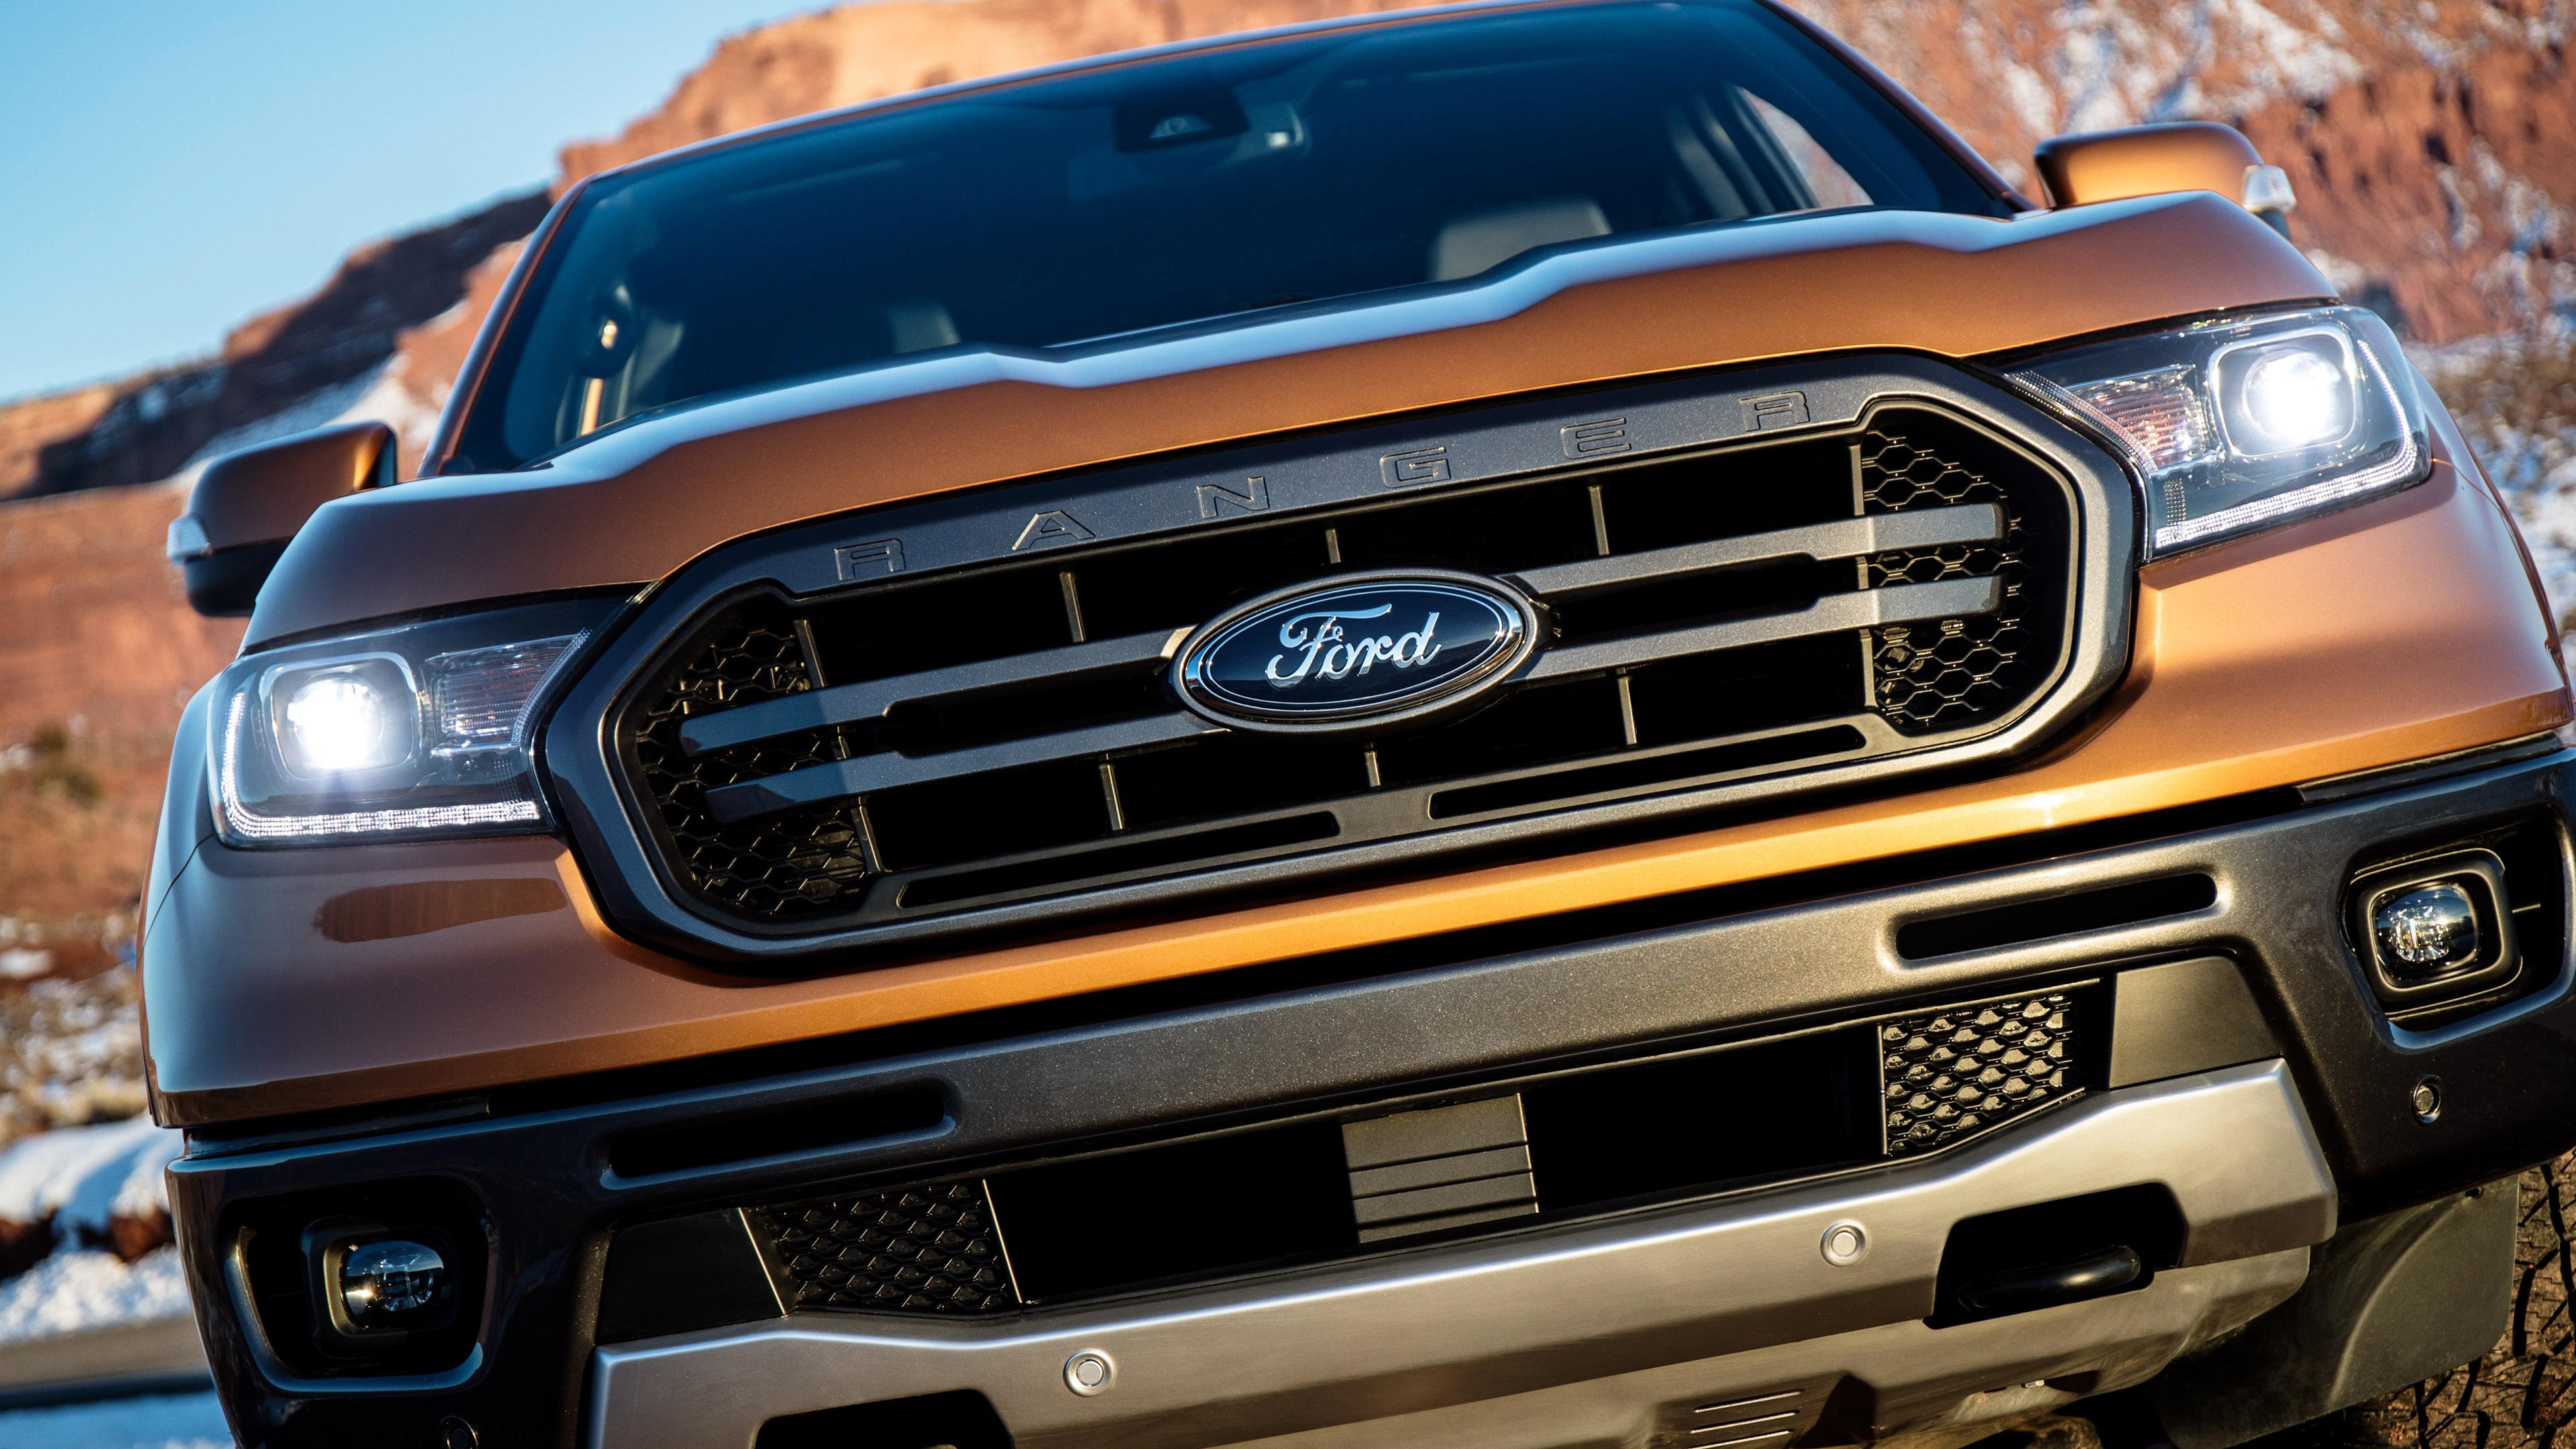 2019 Ford Ranger FX4 Lariat SuperCrew 4K Wallpaper | HD ...